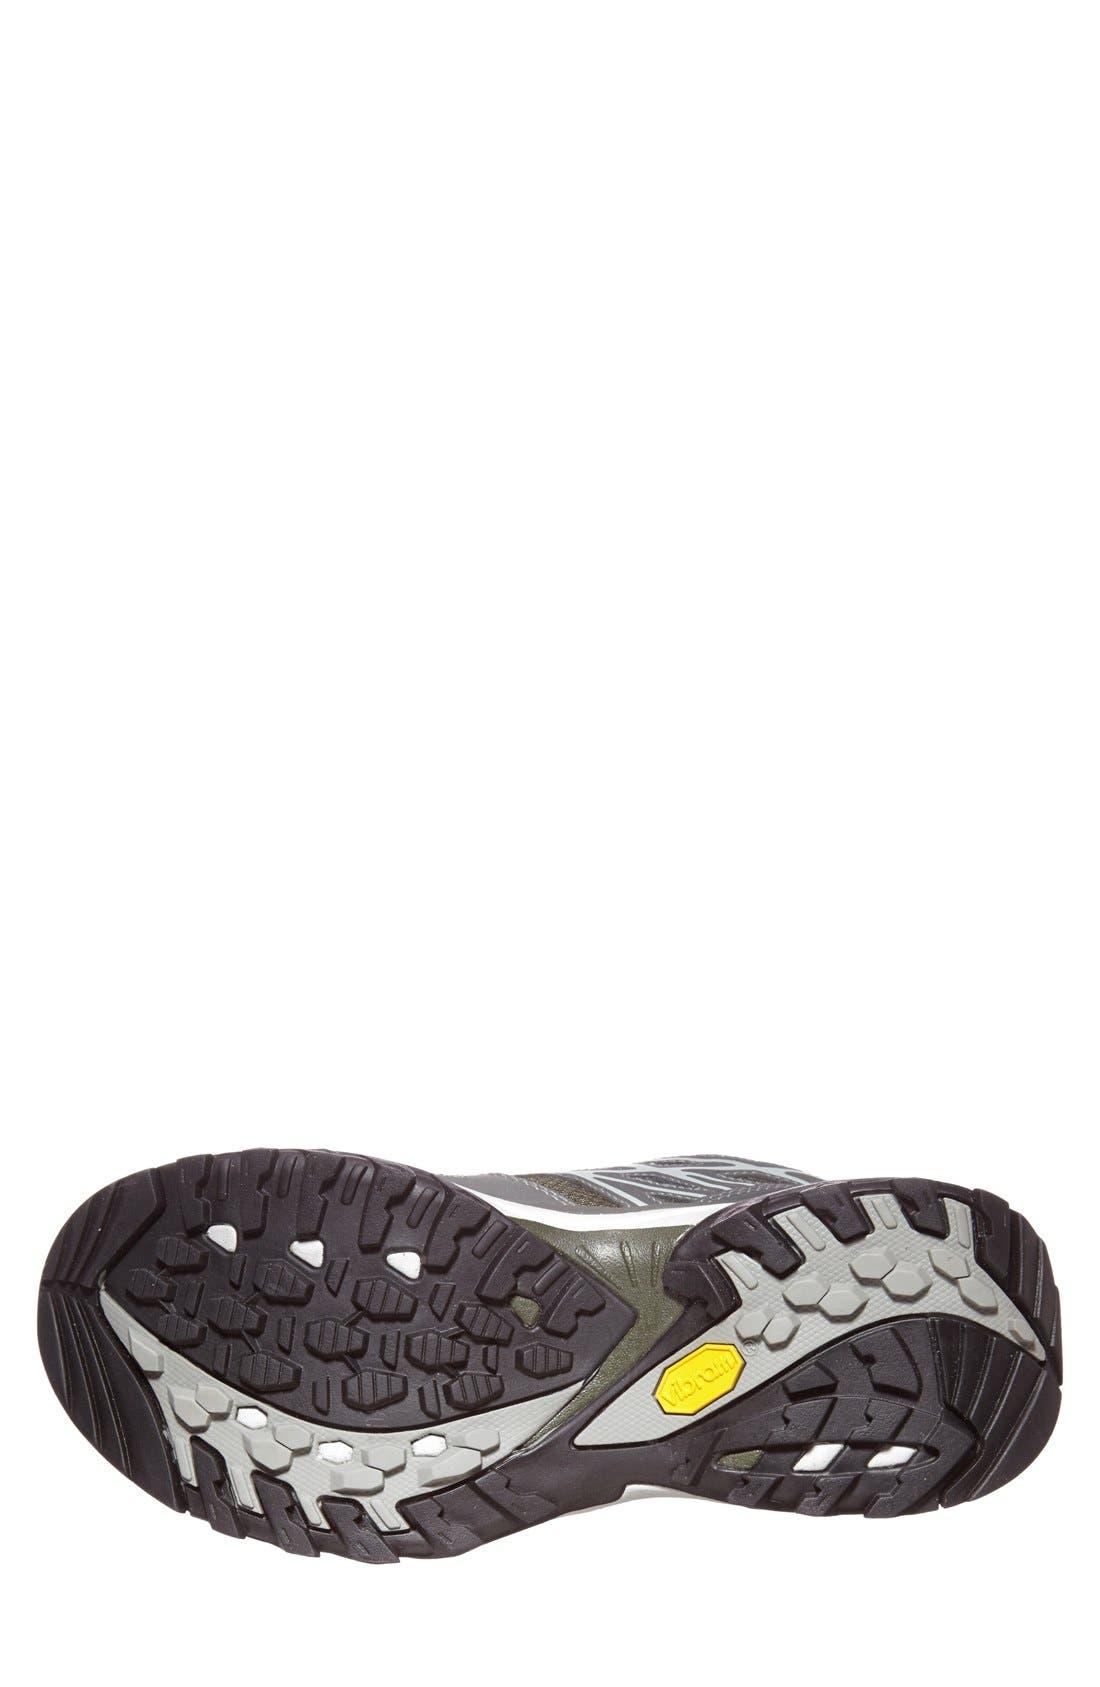 'Hedgehog Fastpack' Gore-Tex<sup>®</sup> Waterproof Hiking Shoe,                             Alternate thumbnail 7, color,